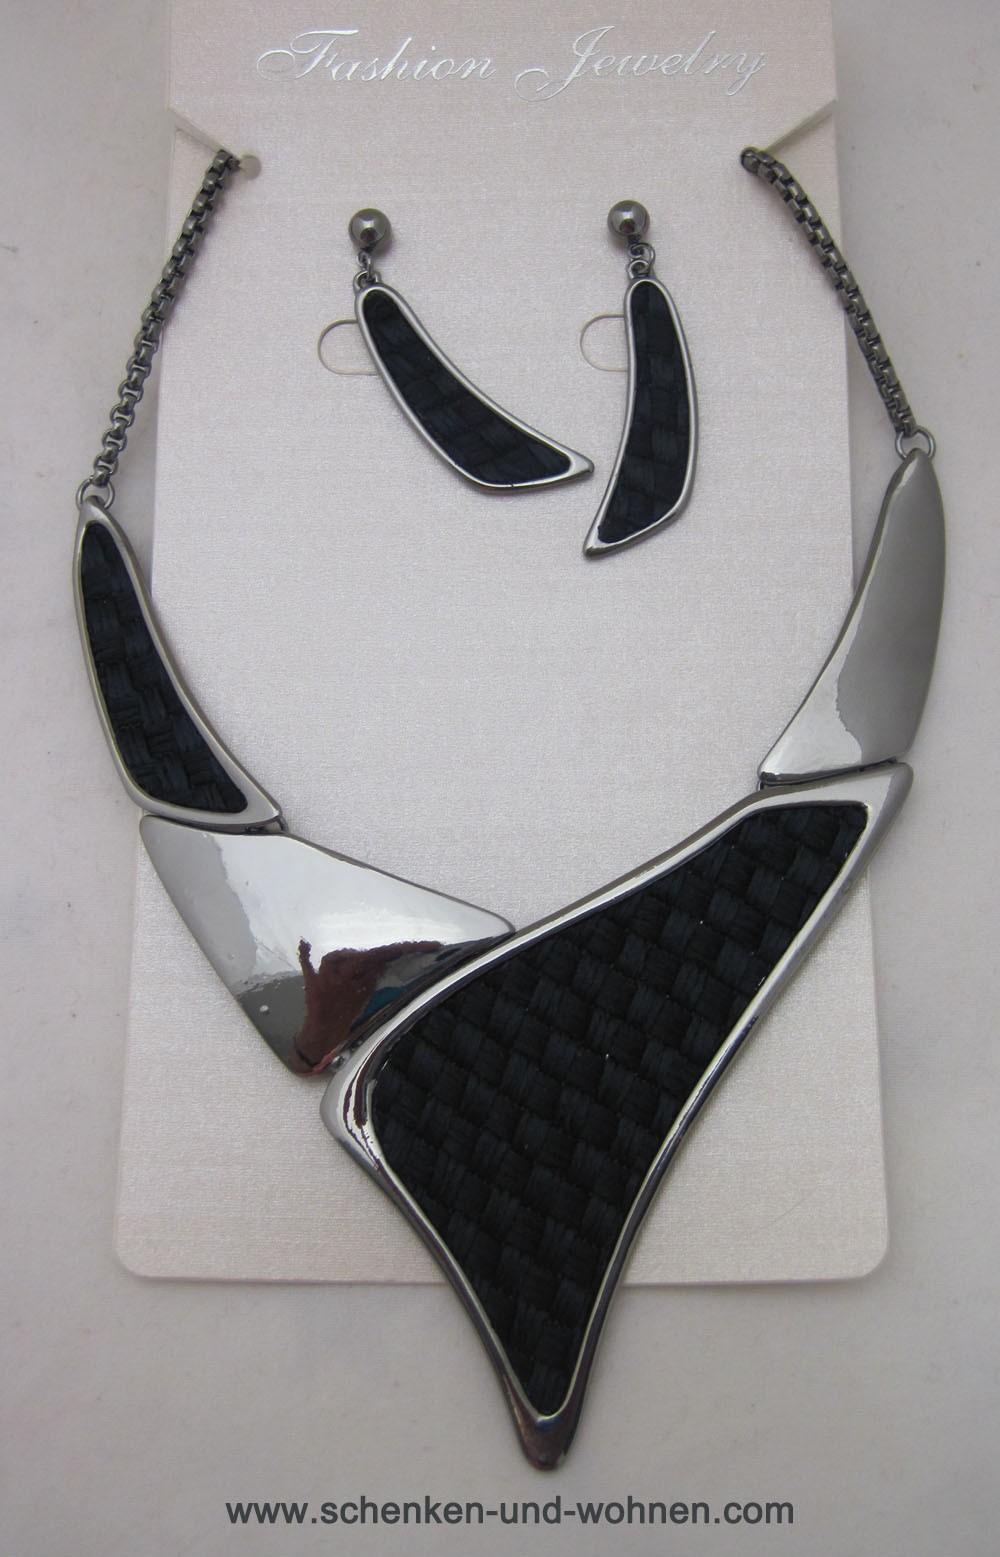 Schmuckset Collier mit Ohrringen Modeschmuck AF727851